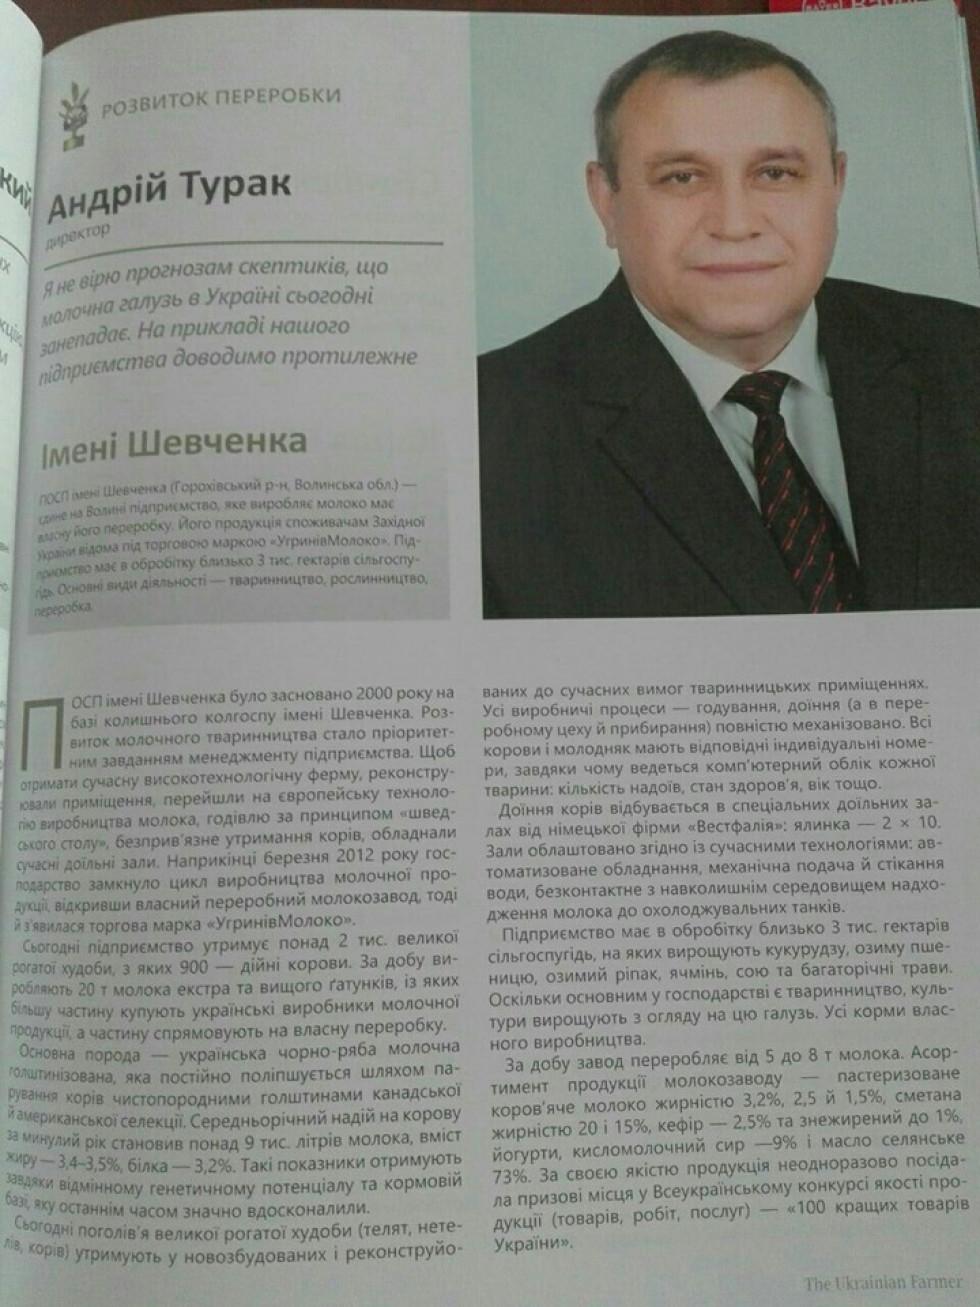 Фото зі сторінки СПАСу